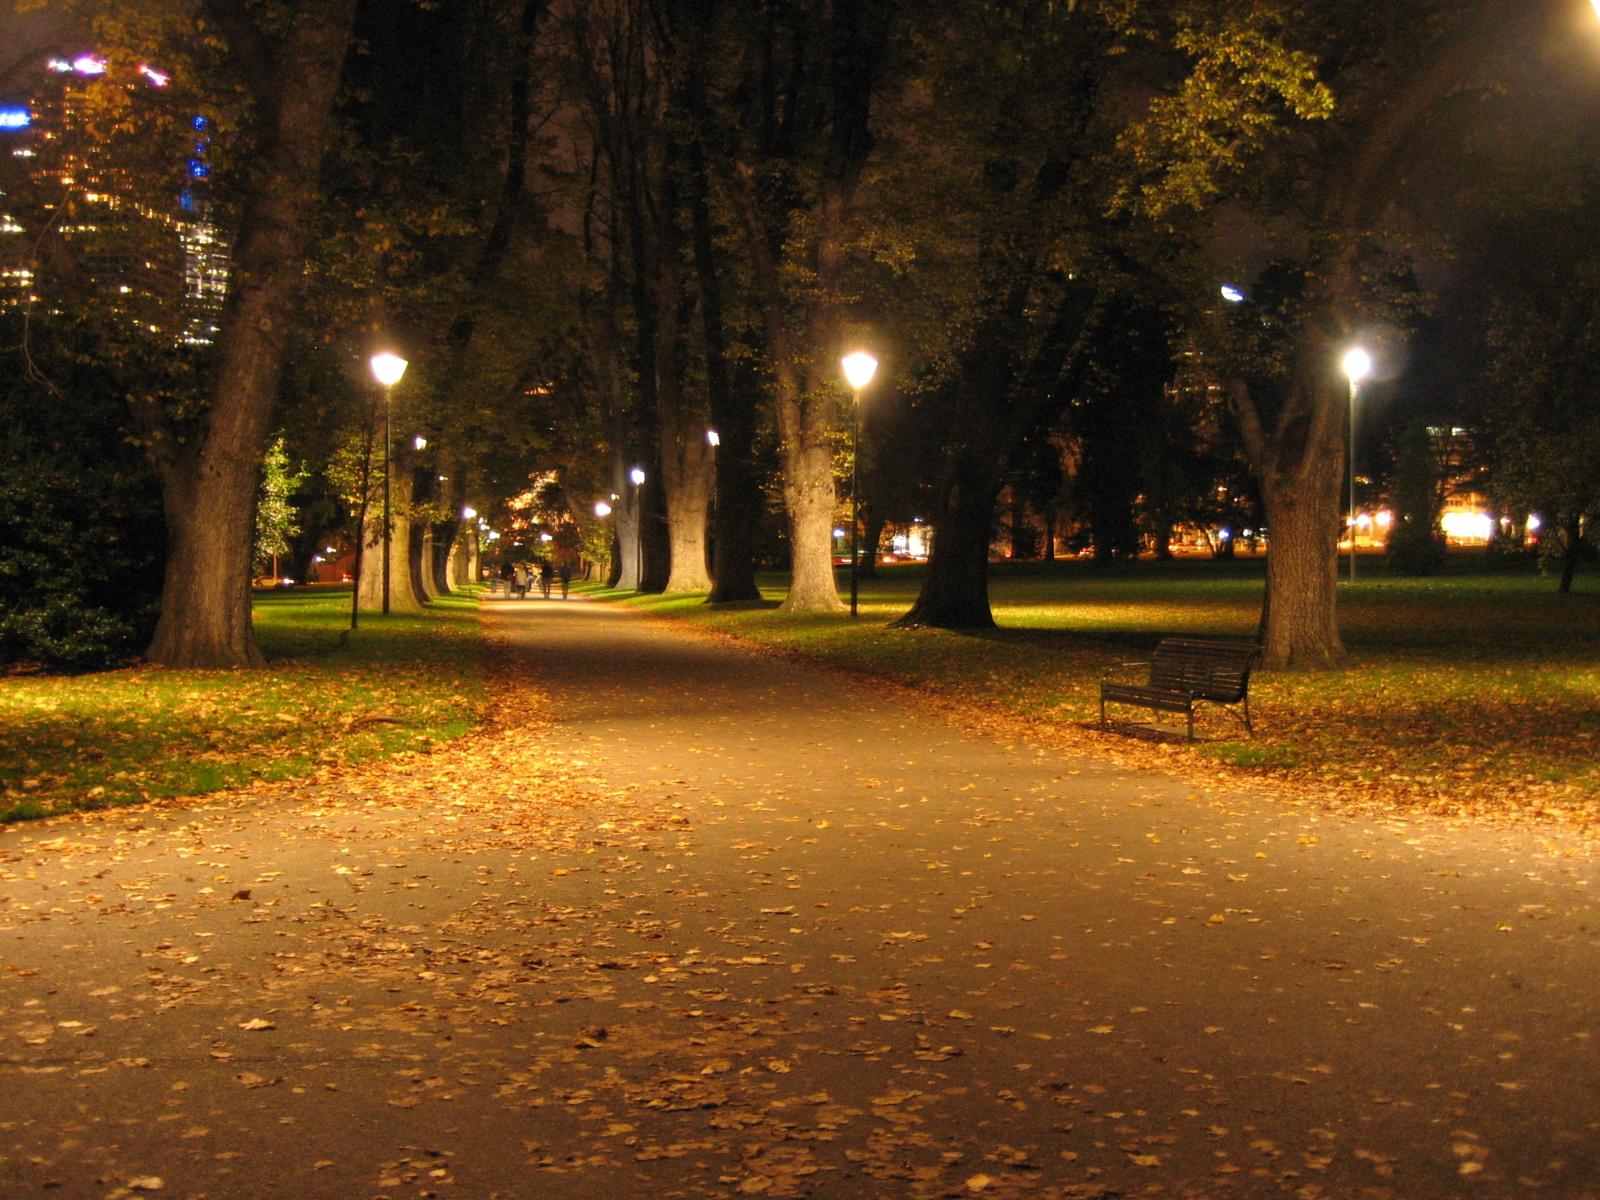 Хорошего отдыха, картинки красивая ночь в парке